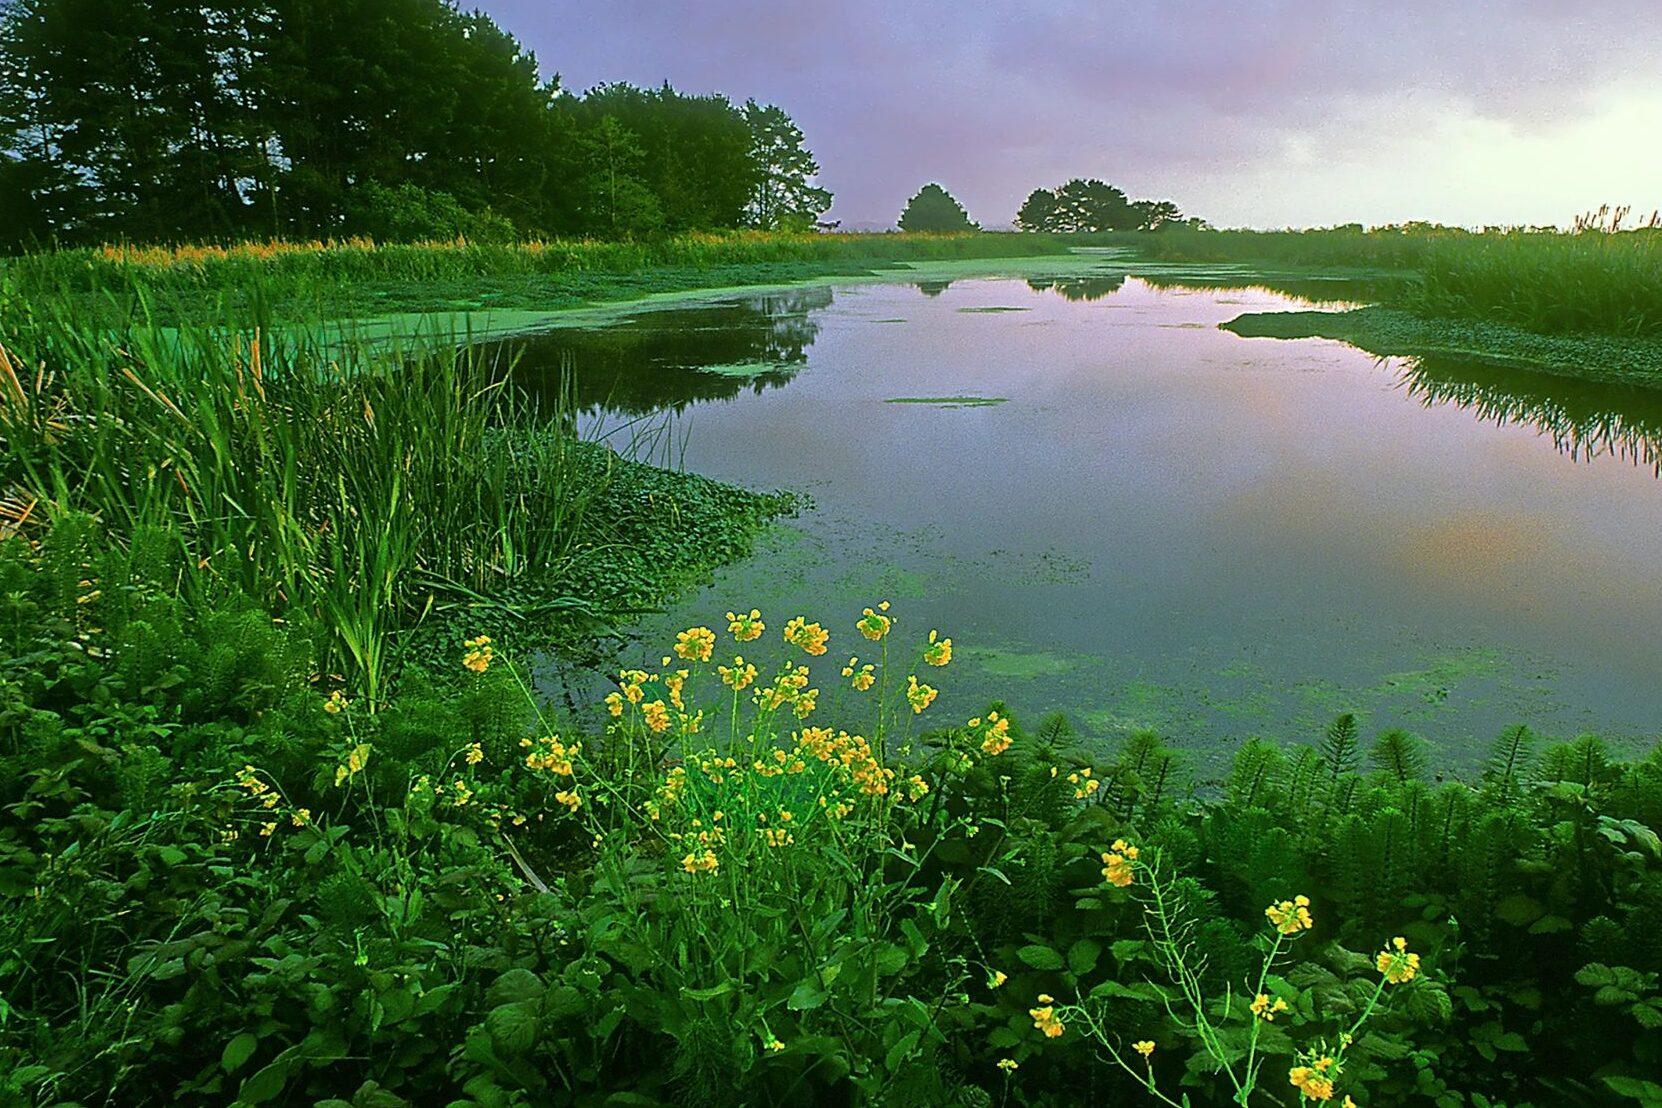 Vegetation in Pond.